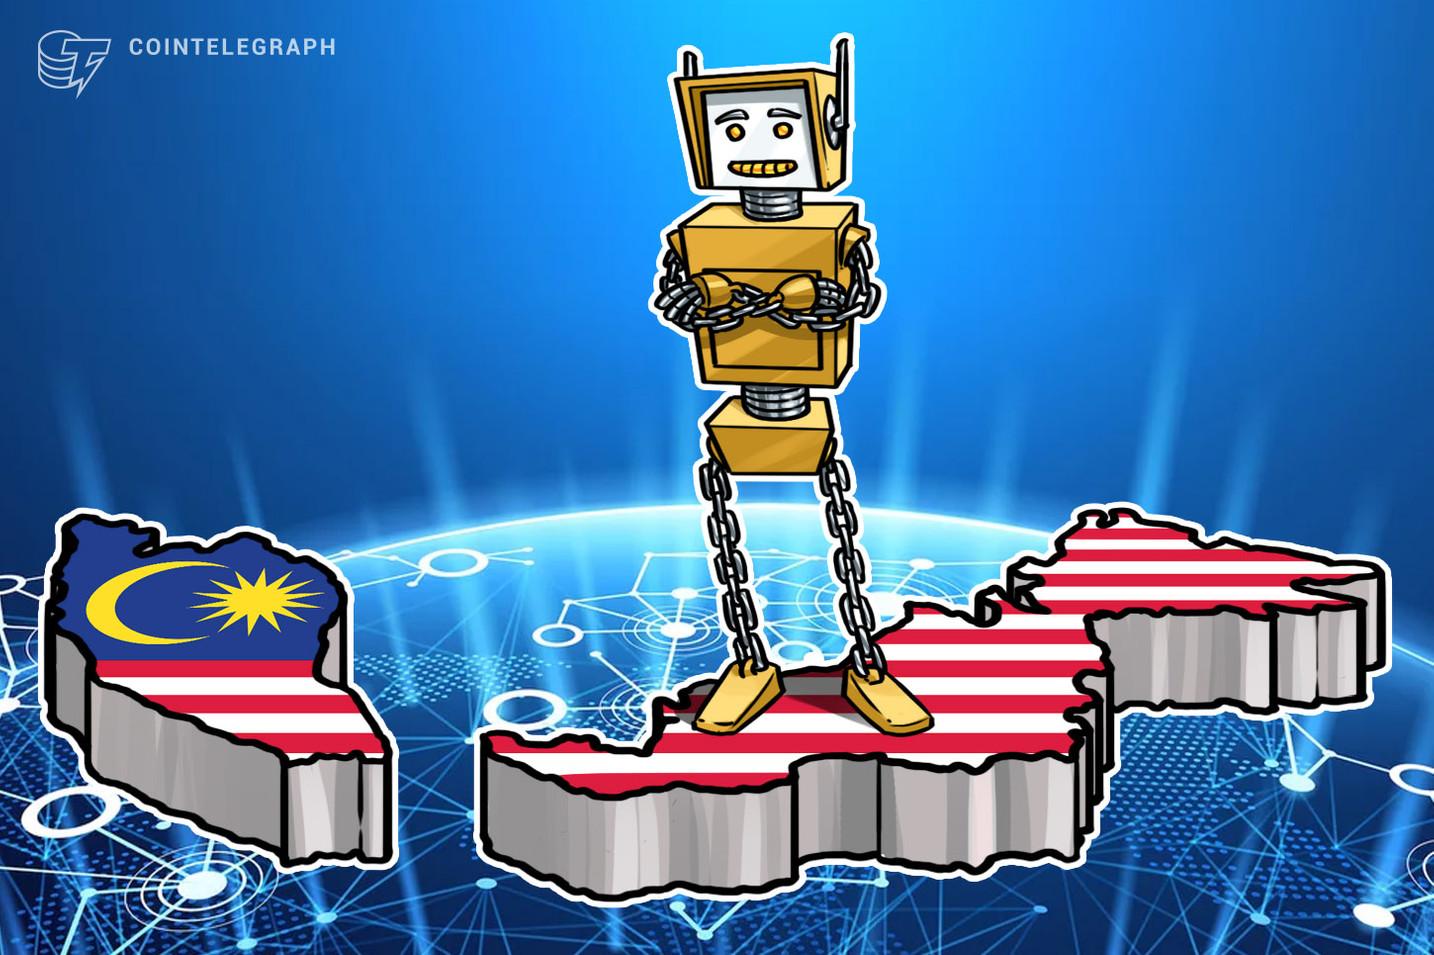 Ministério da Educação da Malásia estabelece sistema de verificação graduação universitária via blockchain